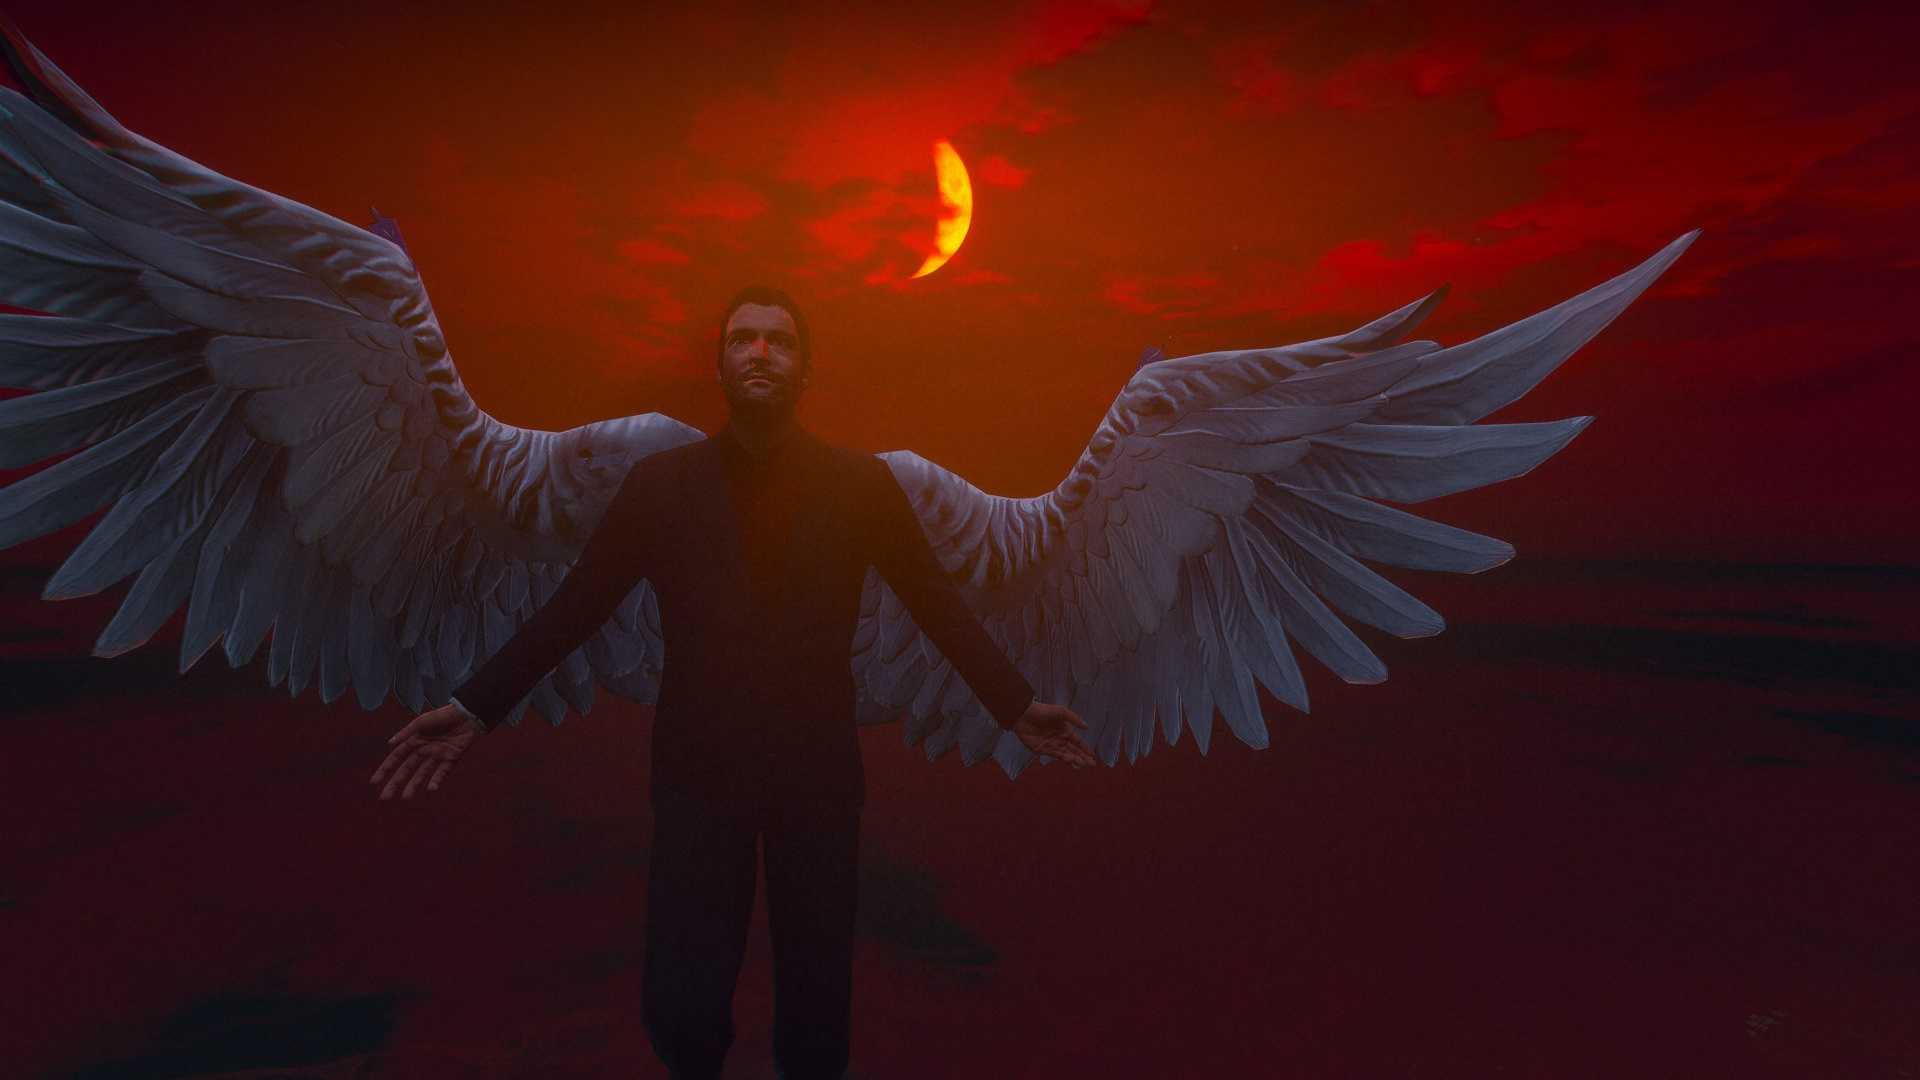 Angel Wings (Animated Wings) 1.0